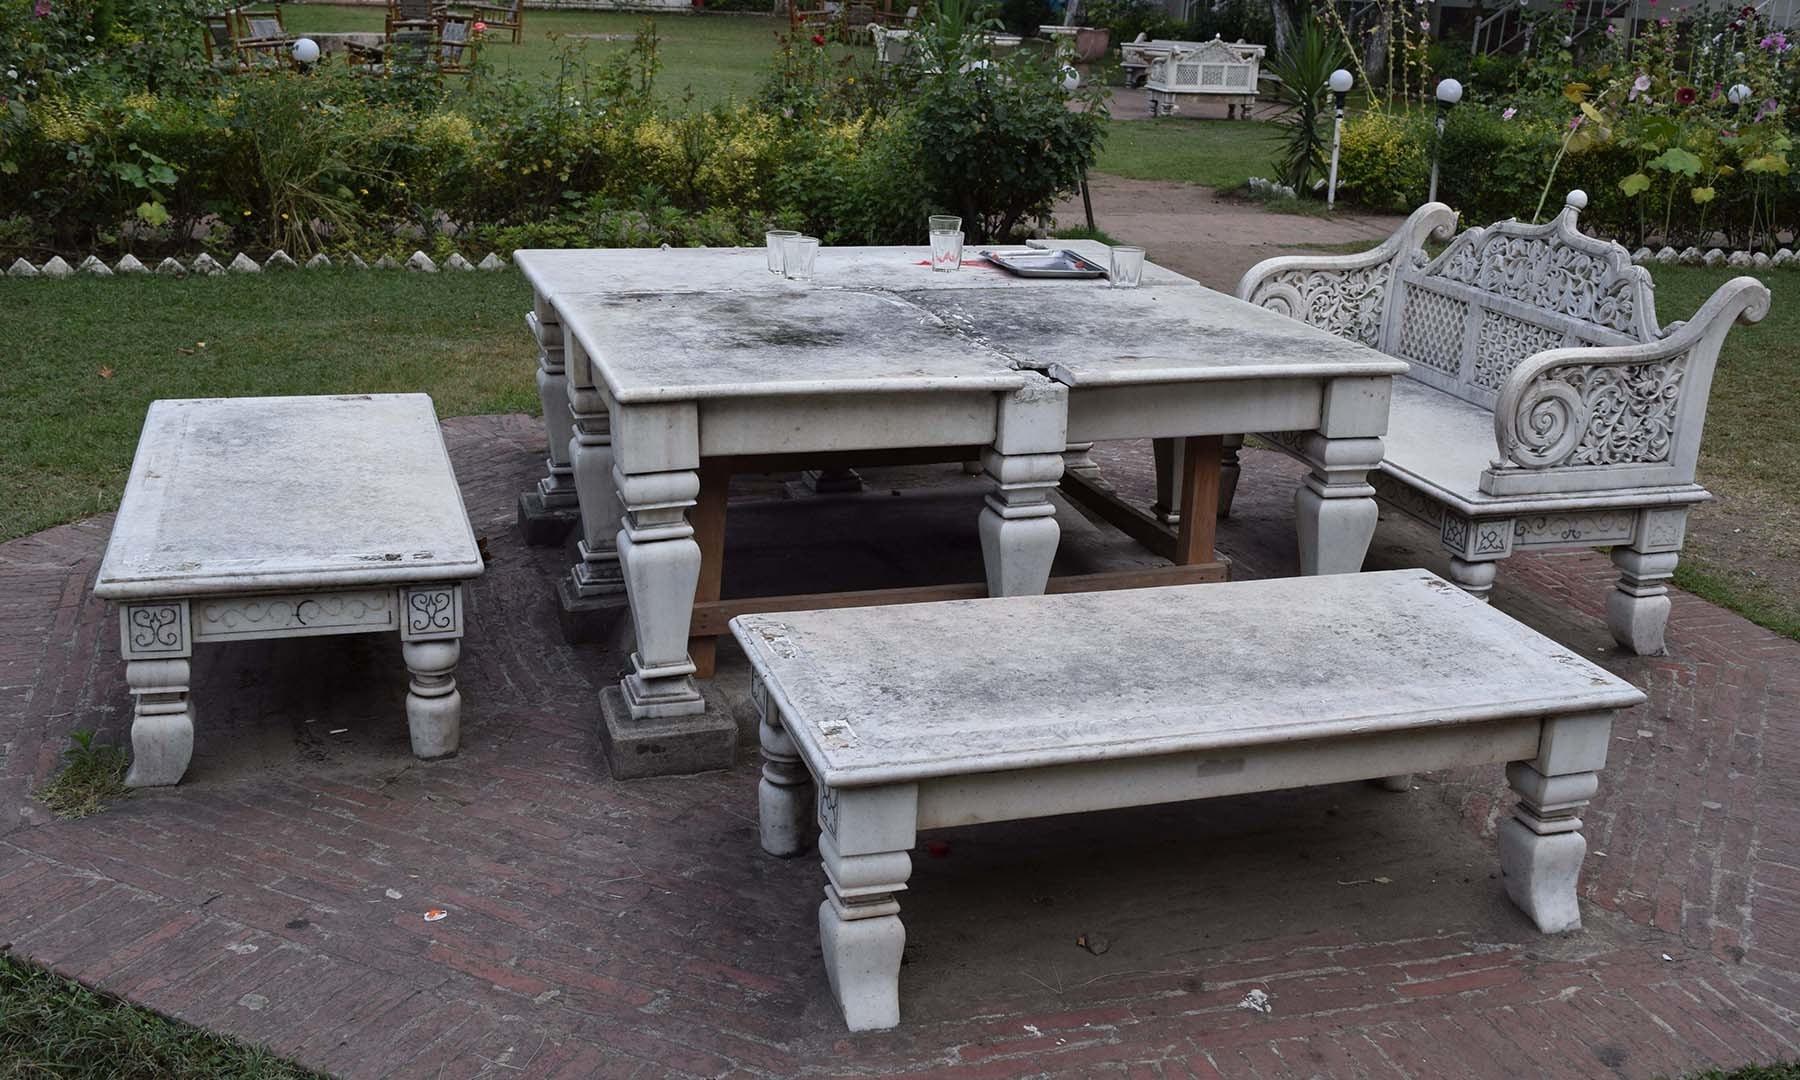 سفید محل کے صحن میں سفید ماربل سے تعمیر شدہ میز اور کرسیوں کا منظر۔